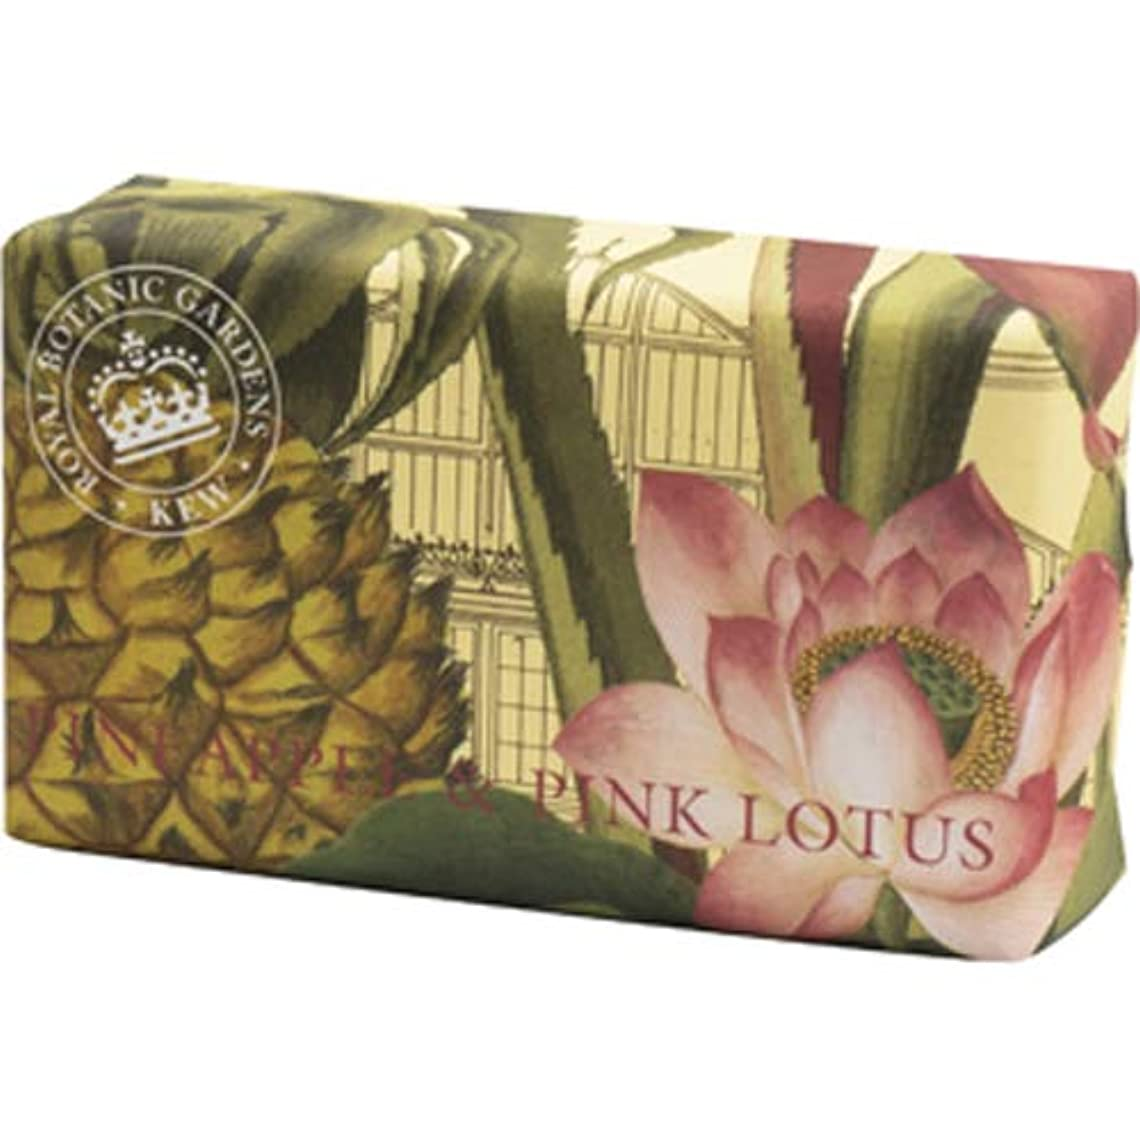 編集者しばしば誤解を招く三和トレーディング English Soap Company イングリッシュソープカンパニー KEW GARDEN キュー?ガーデン Luxury Shea Soaps シアソープ Pineapple & Pink Lotus...